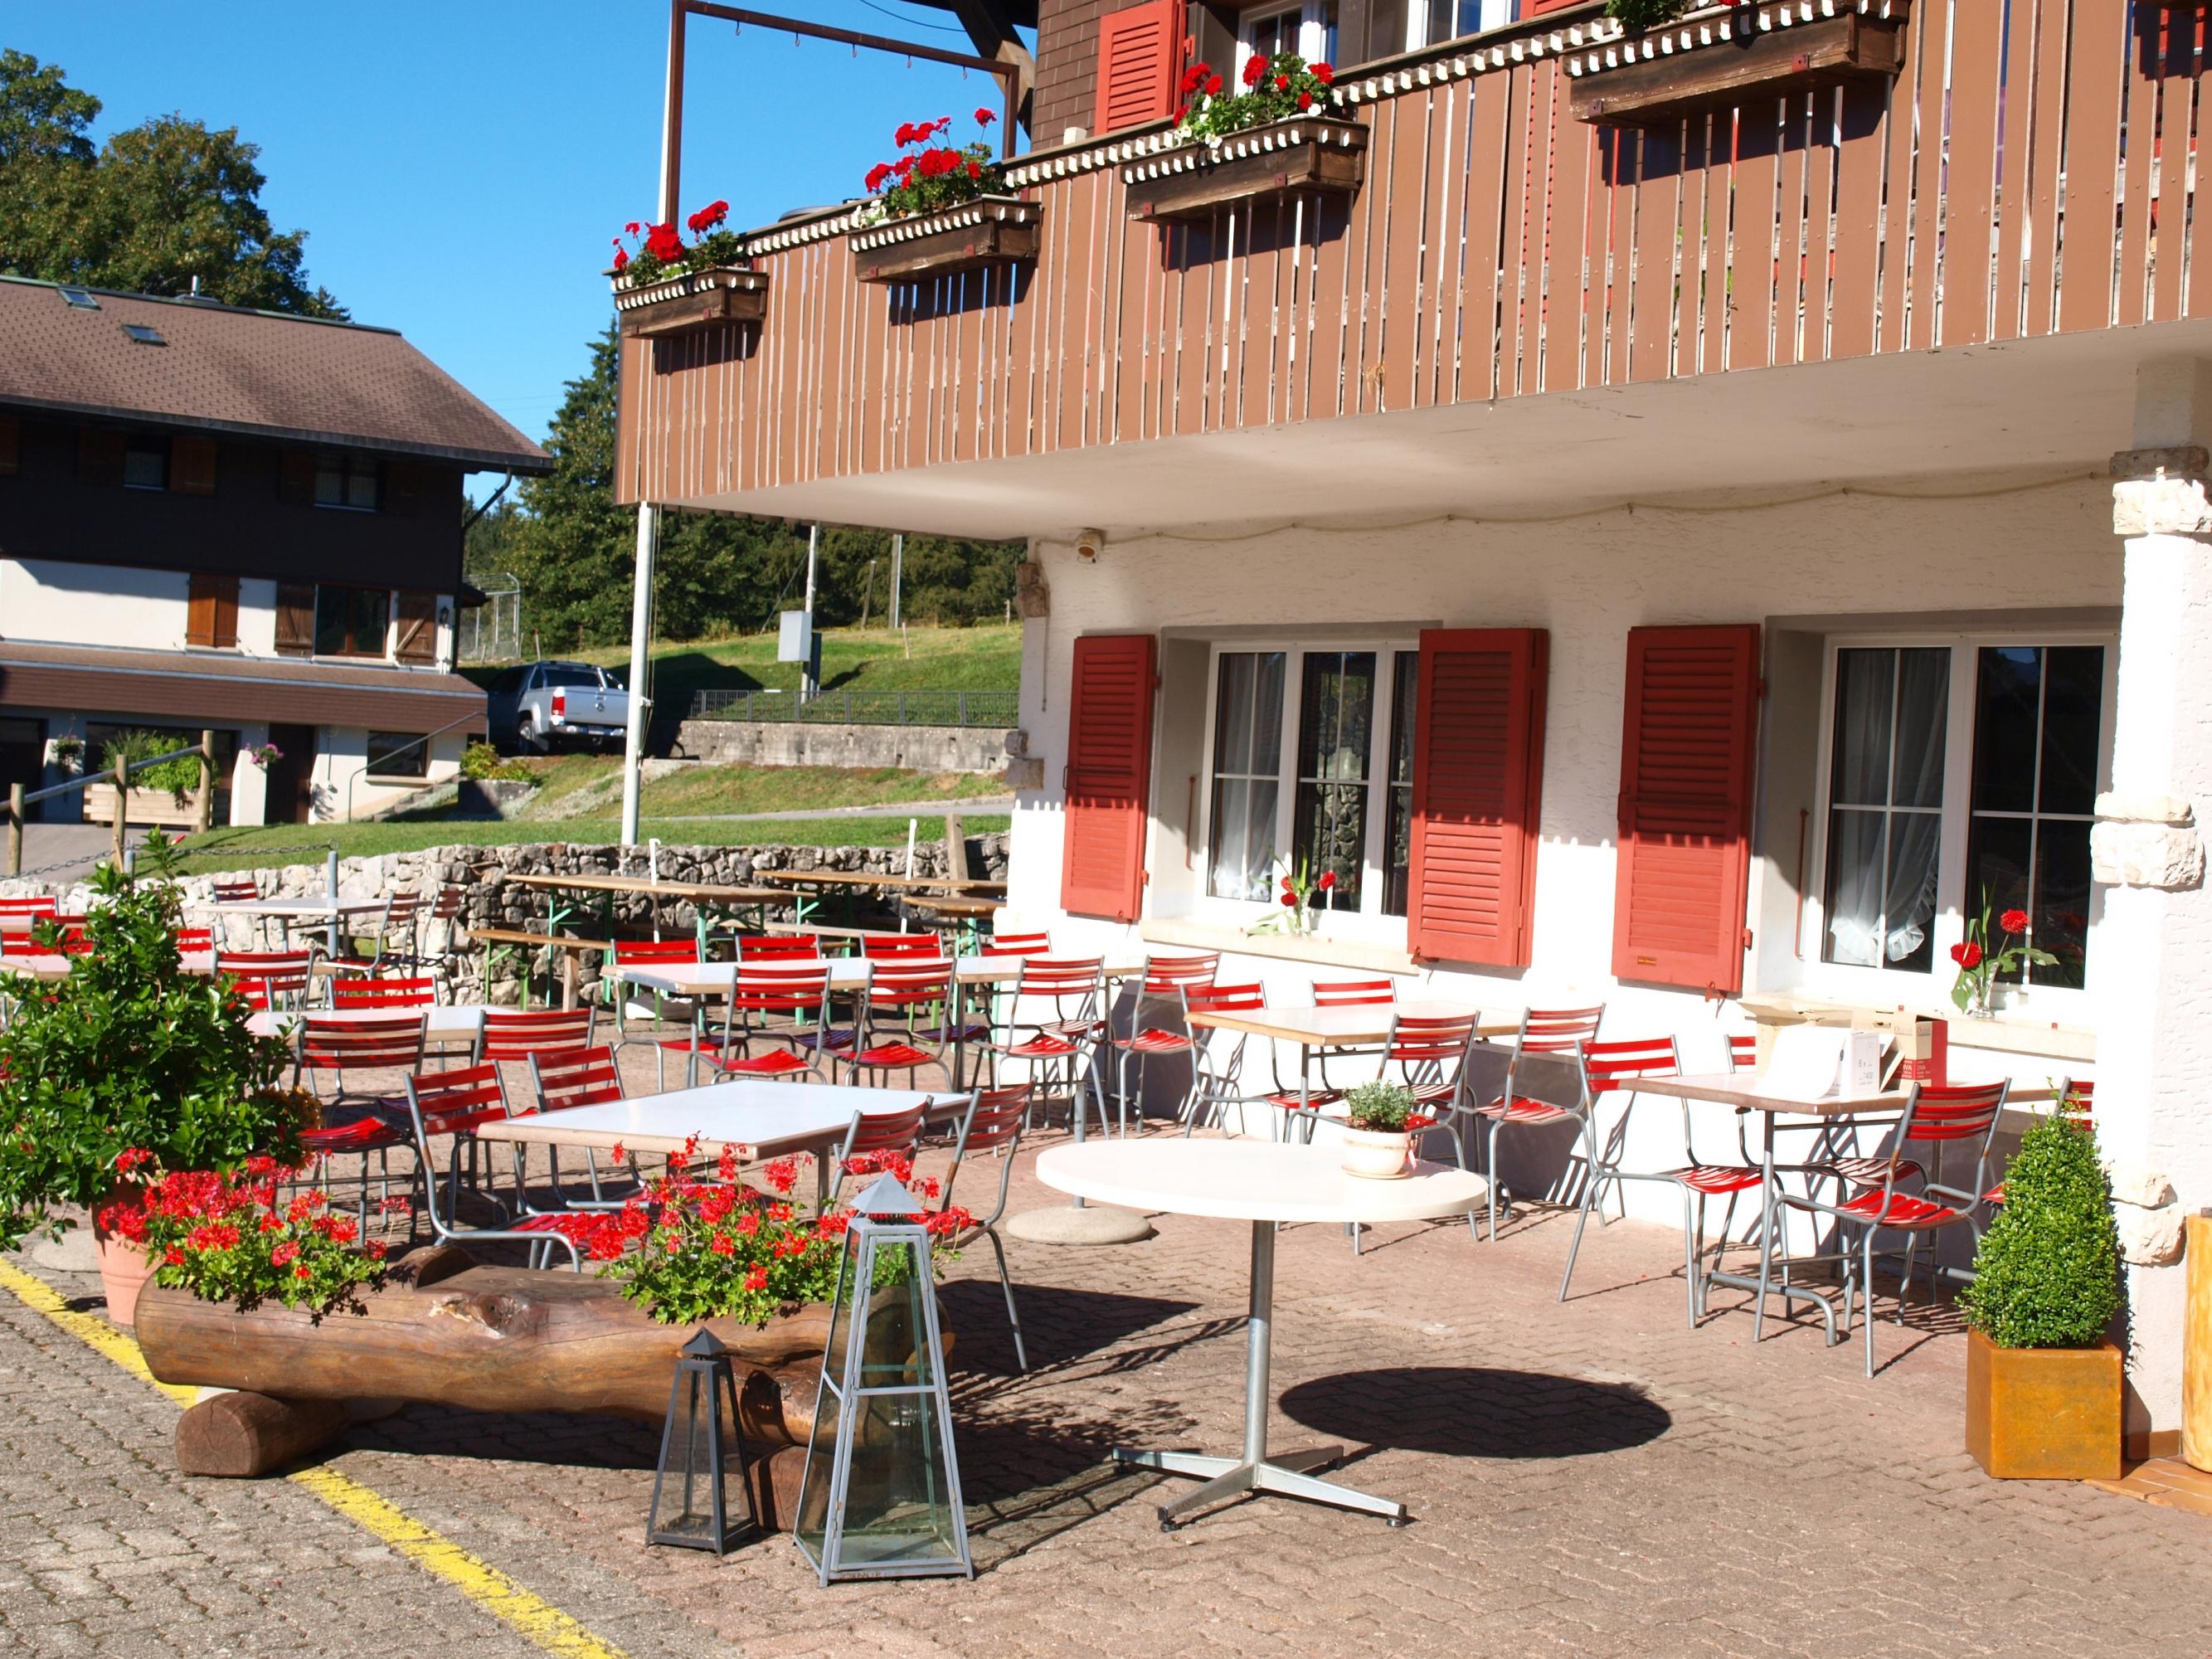 h 244 tel restaurant chalet du mont crosin mont crosin juragourmand ch